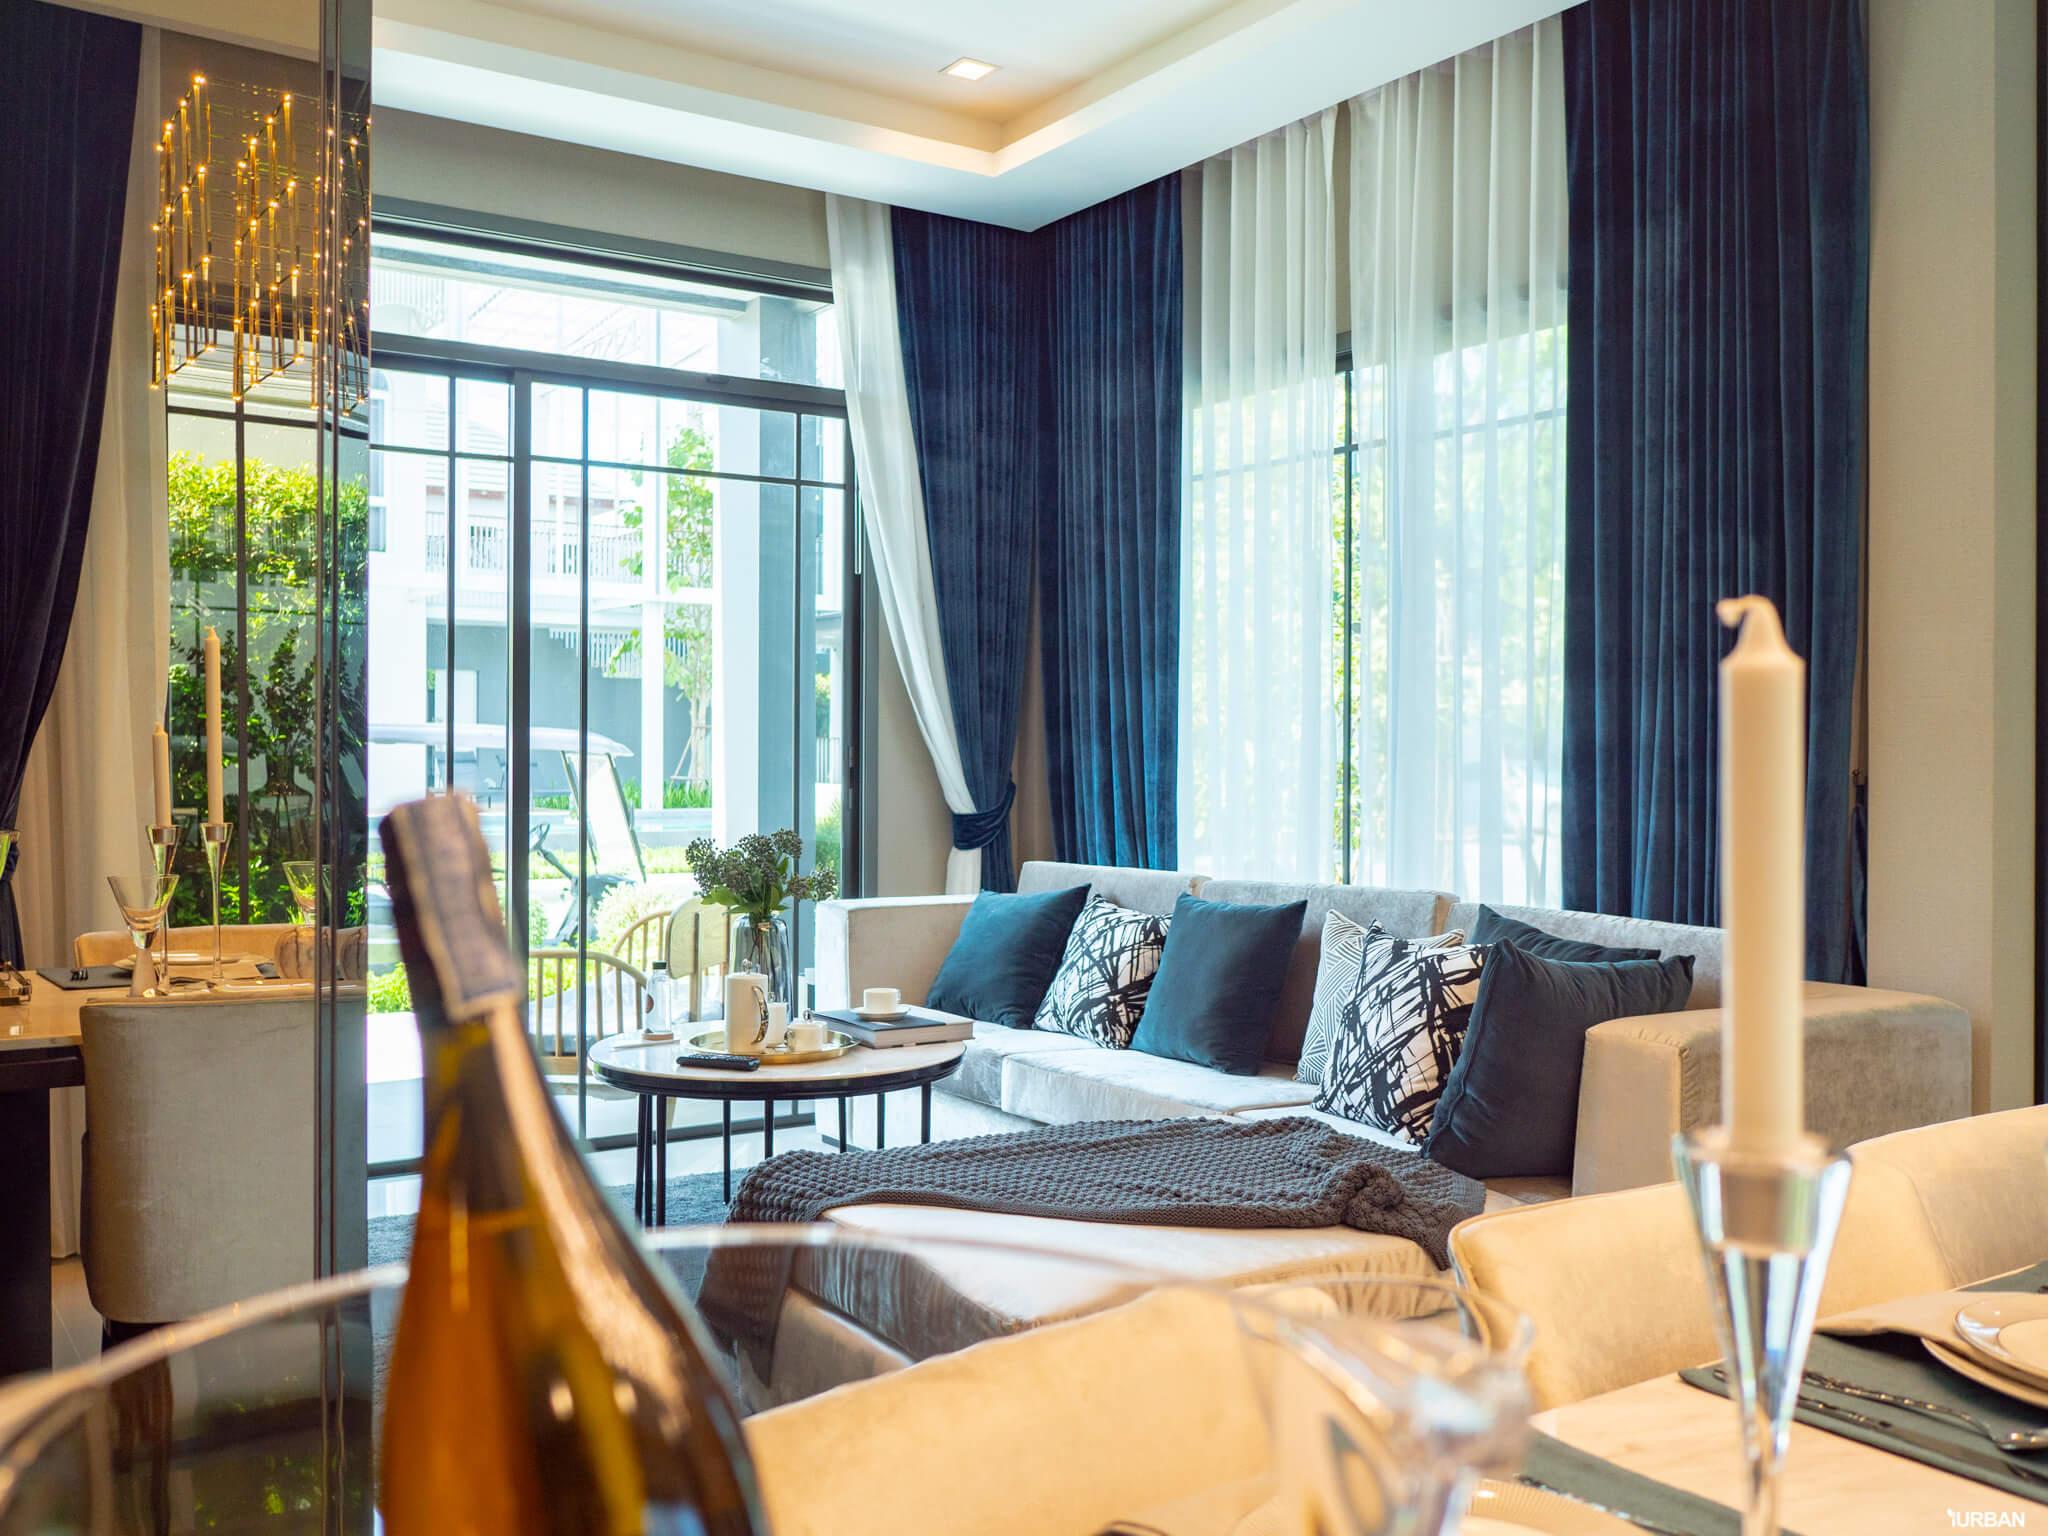 รีวิว บางกอก บูเลอวาร์ด รามอินทรา-เสรีไทย 2 <br>บ้านเดี่ยวสไตล์ Luxury Nordic เพียง 77 ครอบครัว</br> 81 - Boulevard